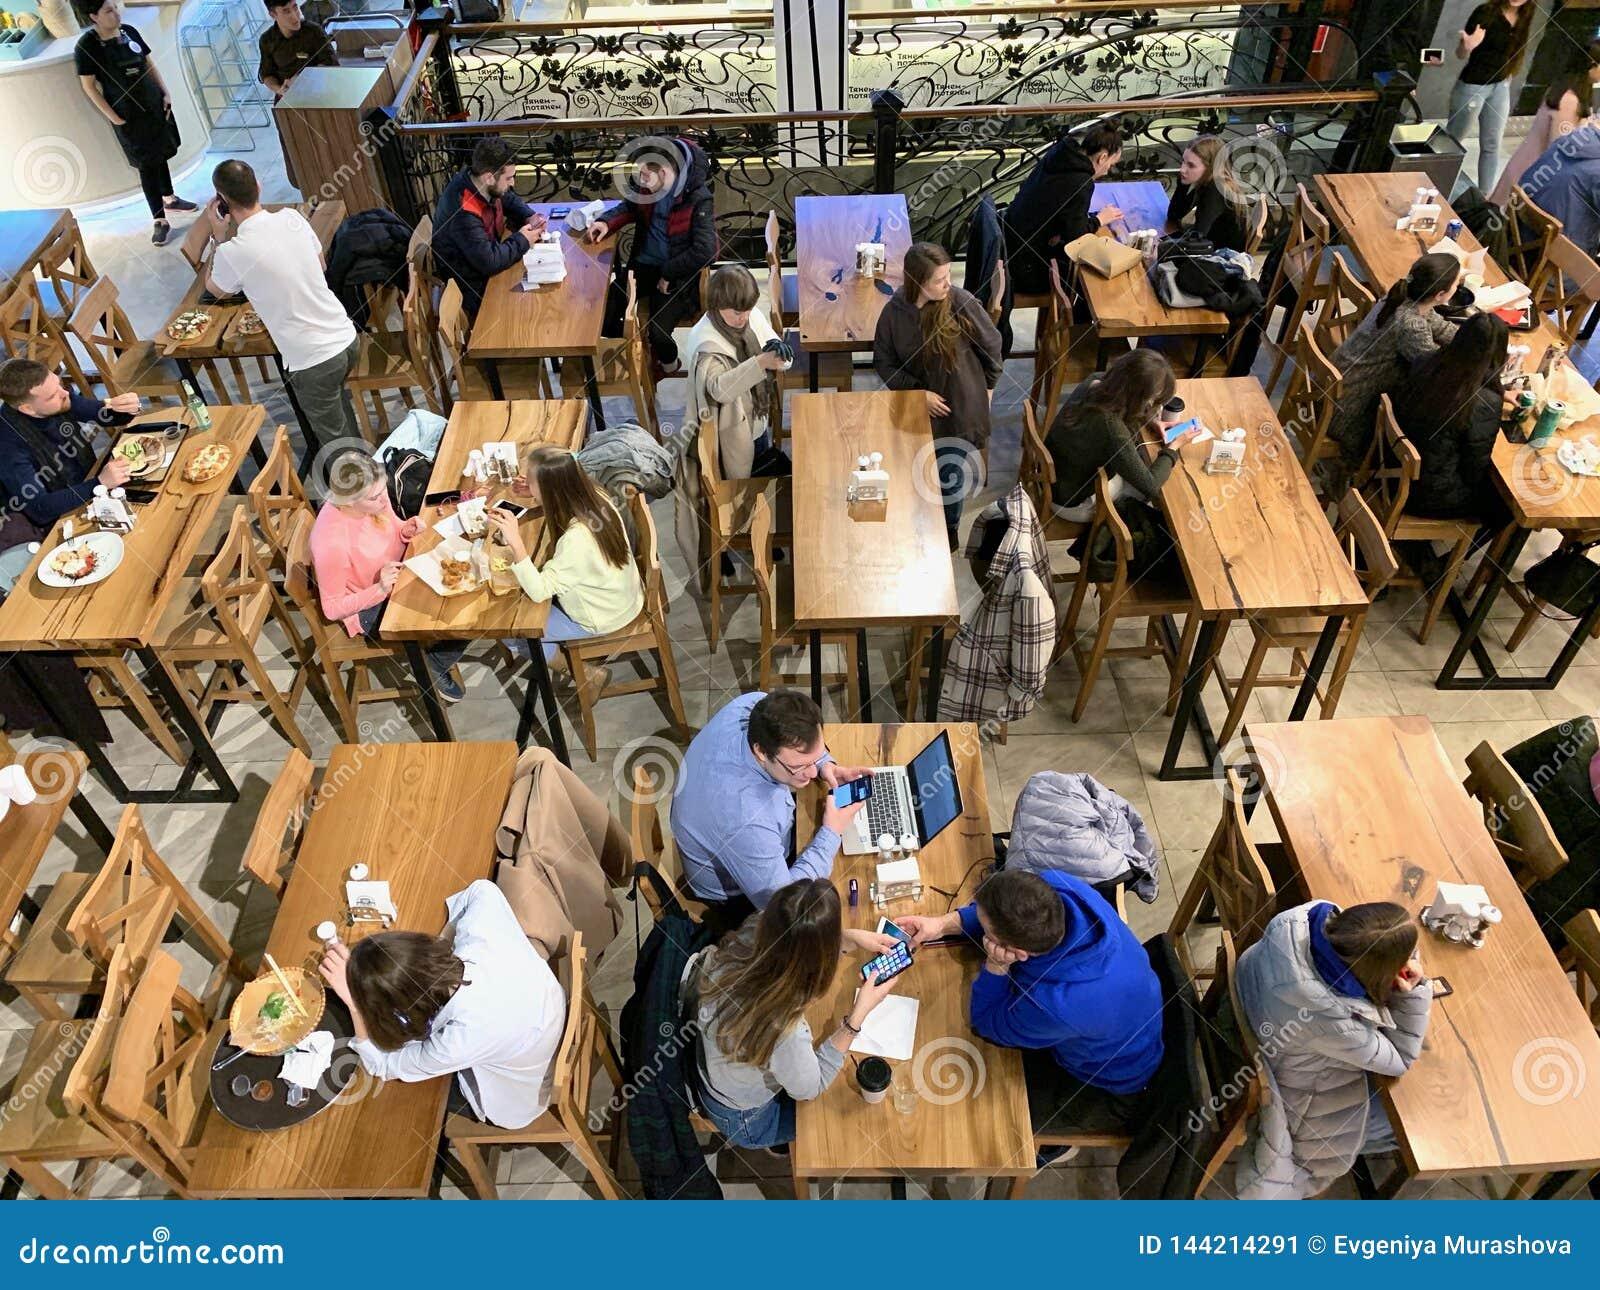 Moskwa, Rosja, Marzec 2019 Środkowy rynek, stacja metra «Tsvetnoy bulwar « Ludzie przy pora lunchu łasowaniem w restauracji, fa